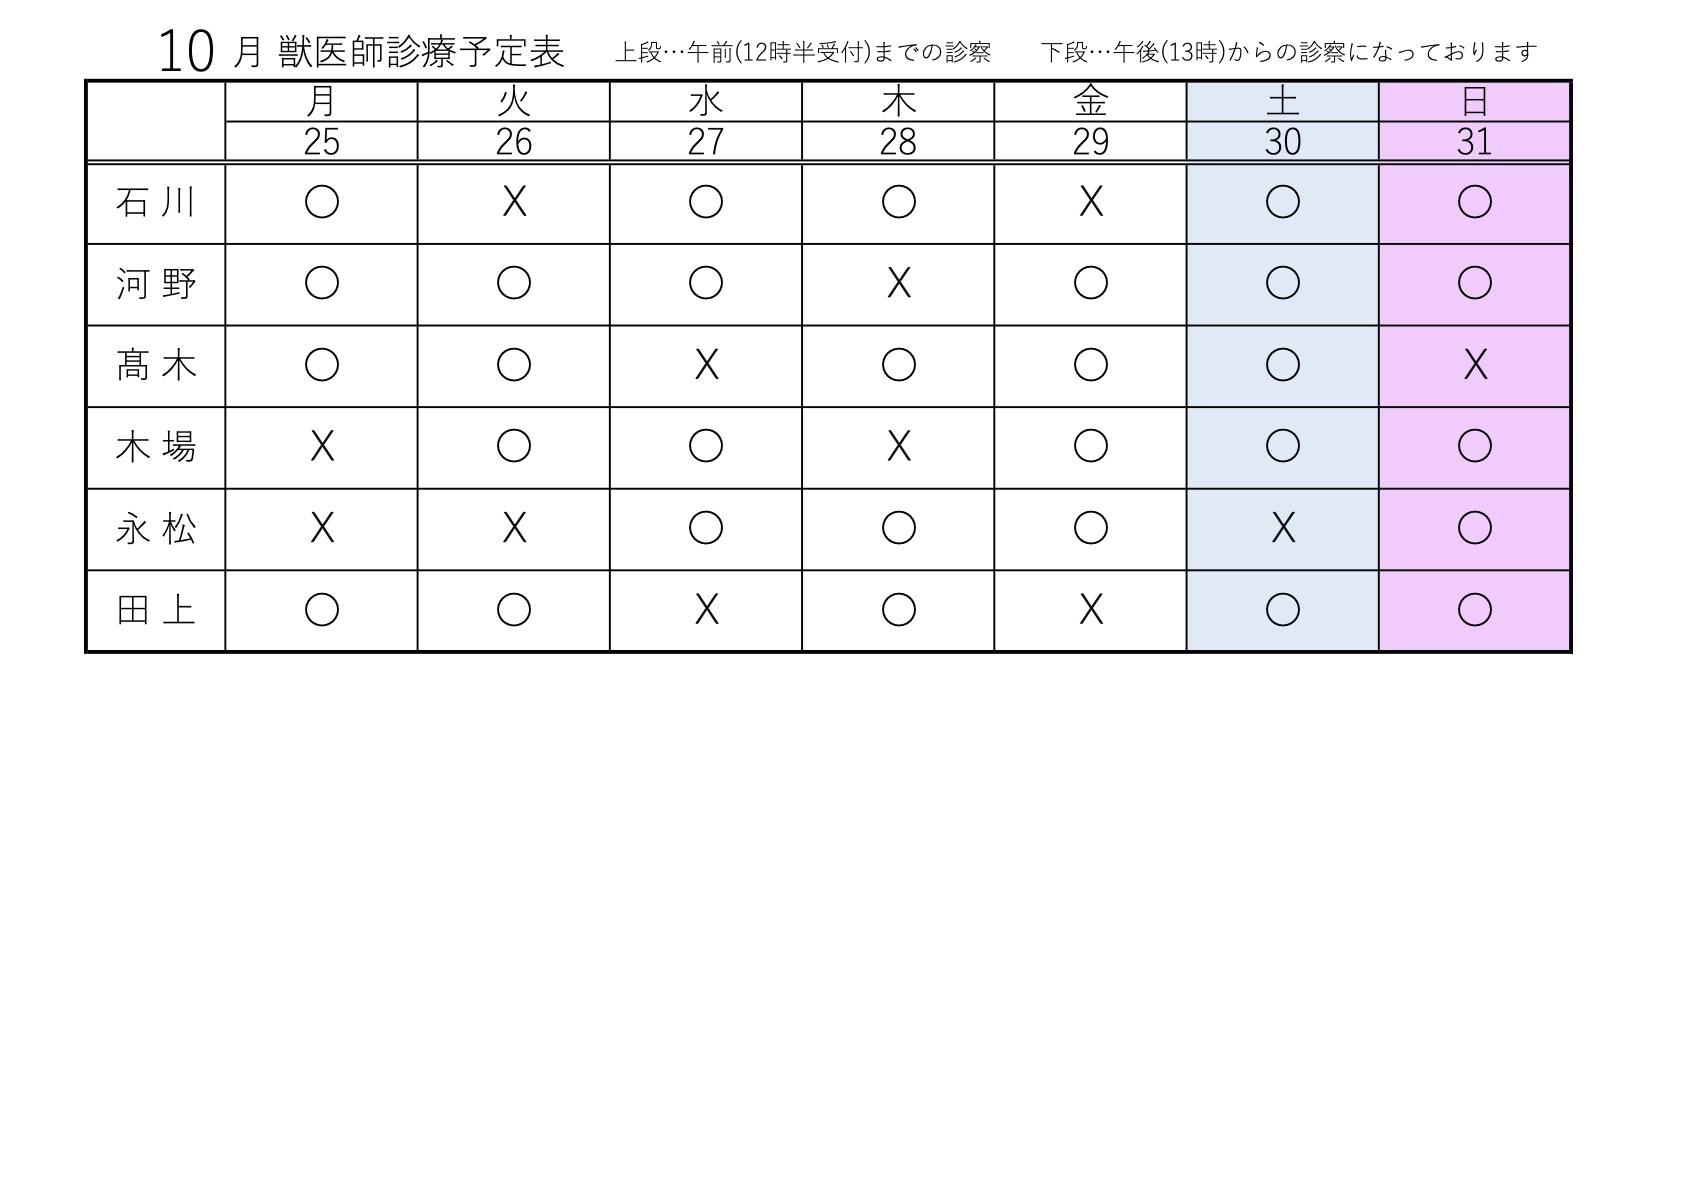 10月25~31日 獣医師診療予定表